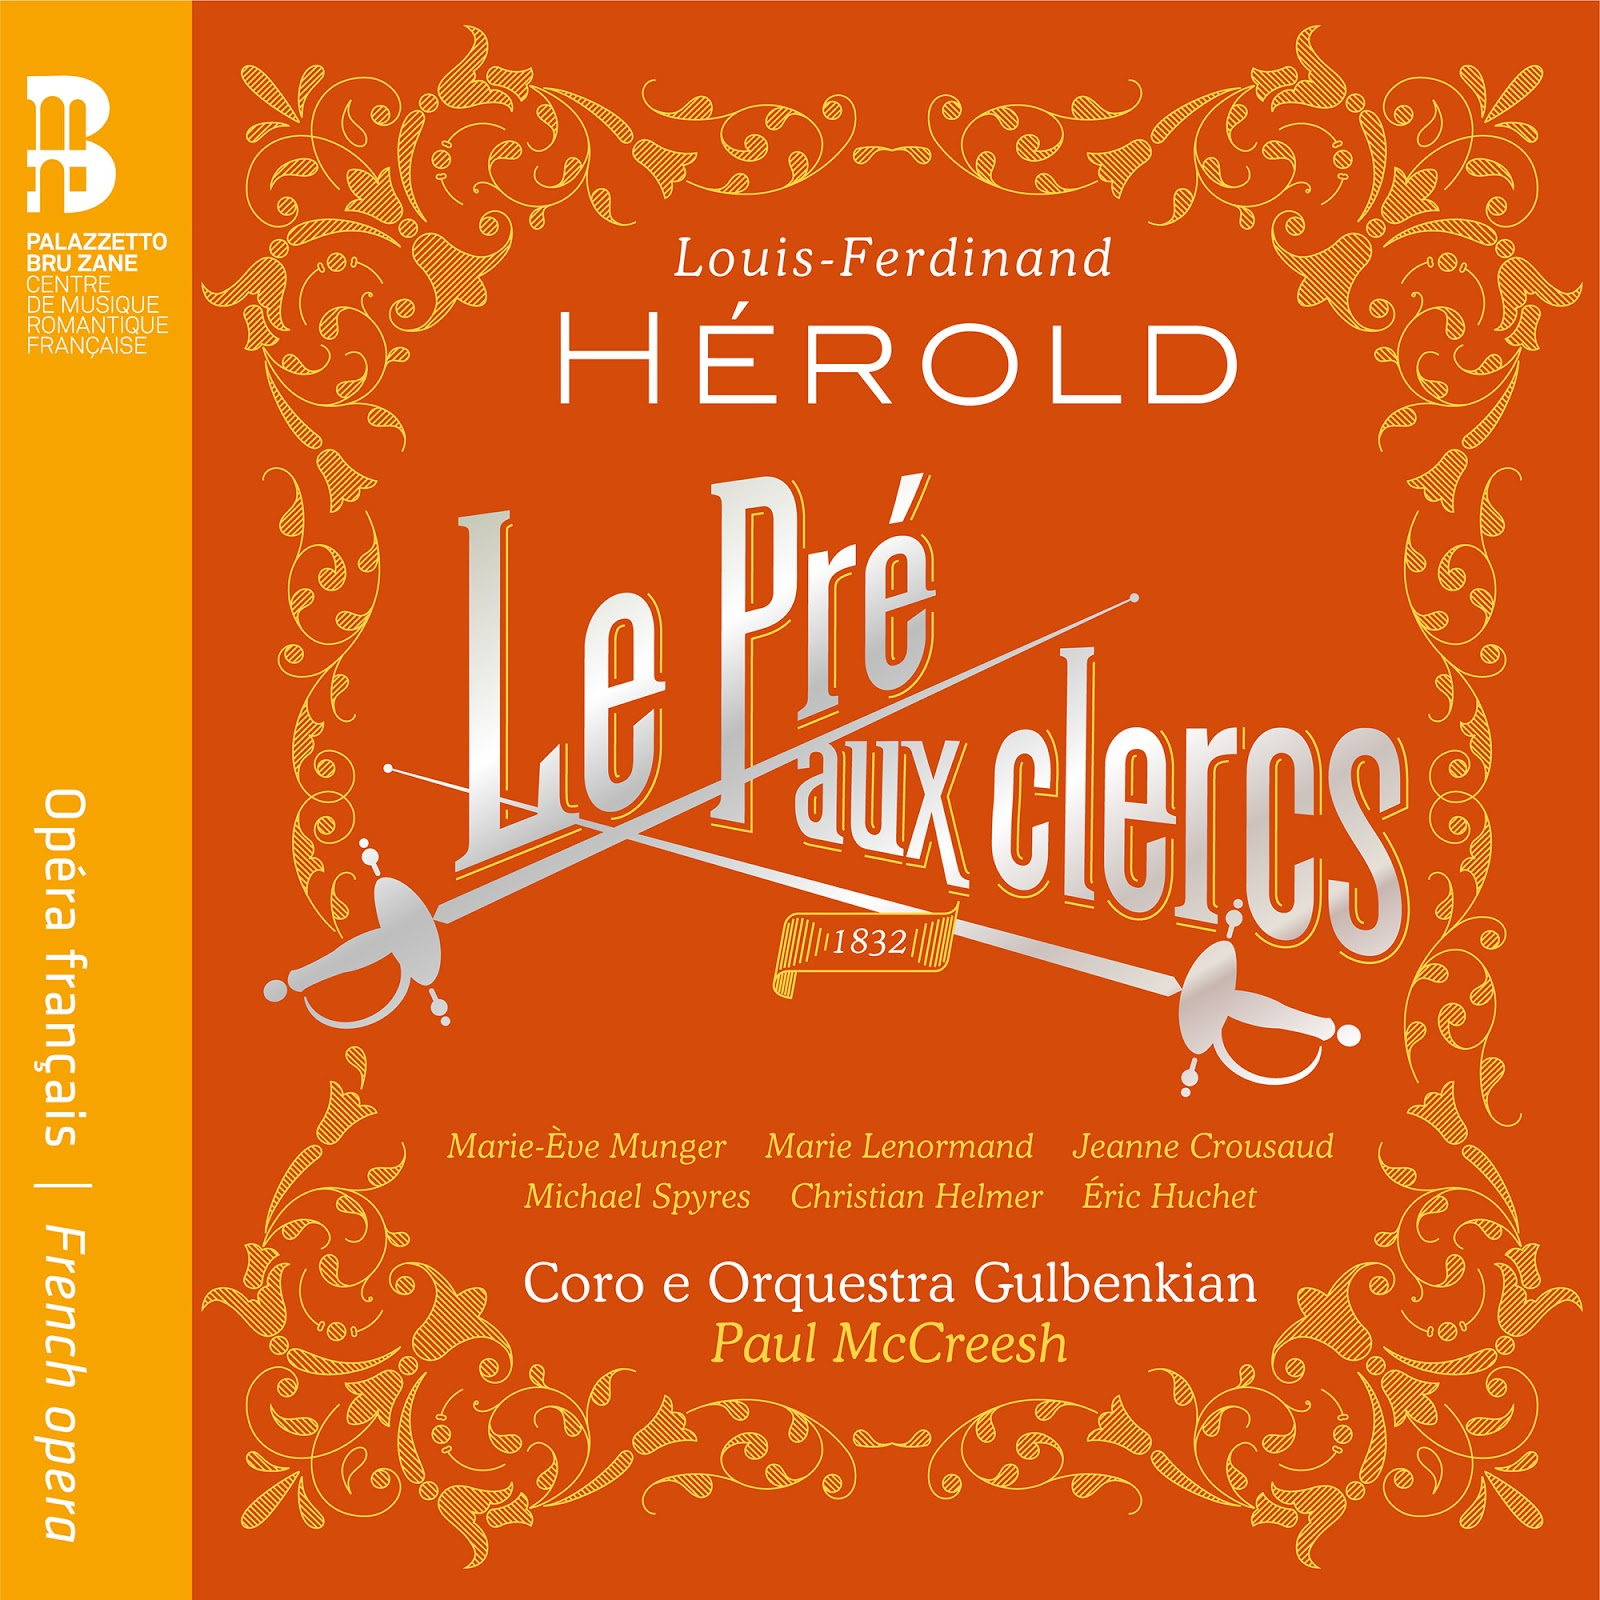 CD REVIEW: Louis-Ferdinand Hérold - LE PRÉ AUX CLERCS (Ediciones Singulares ES 1025)